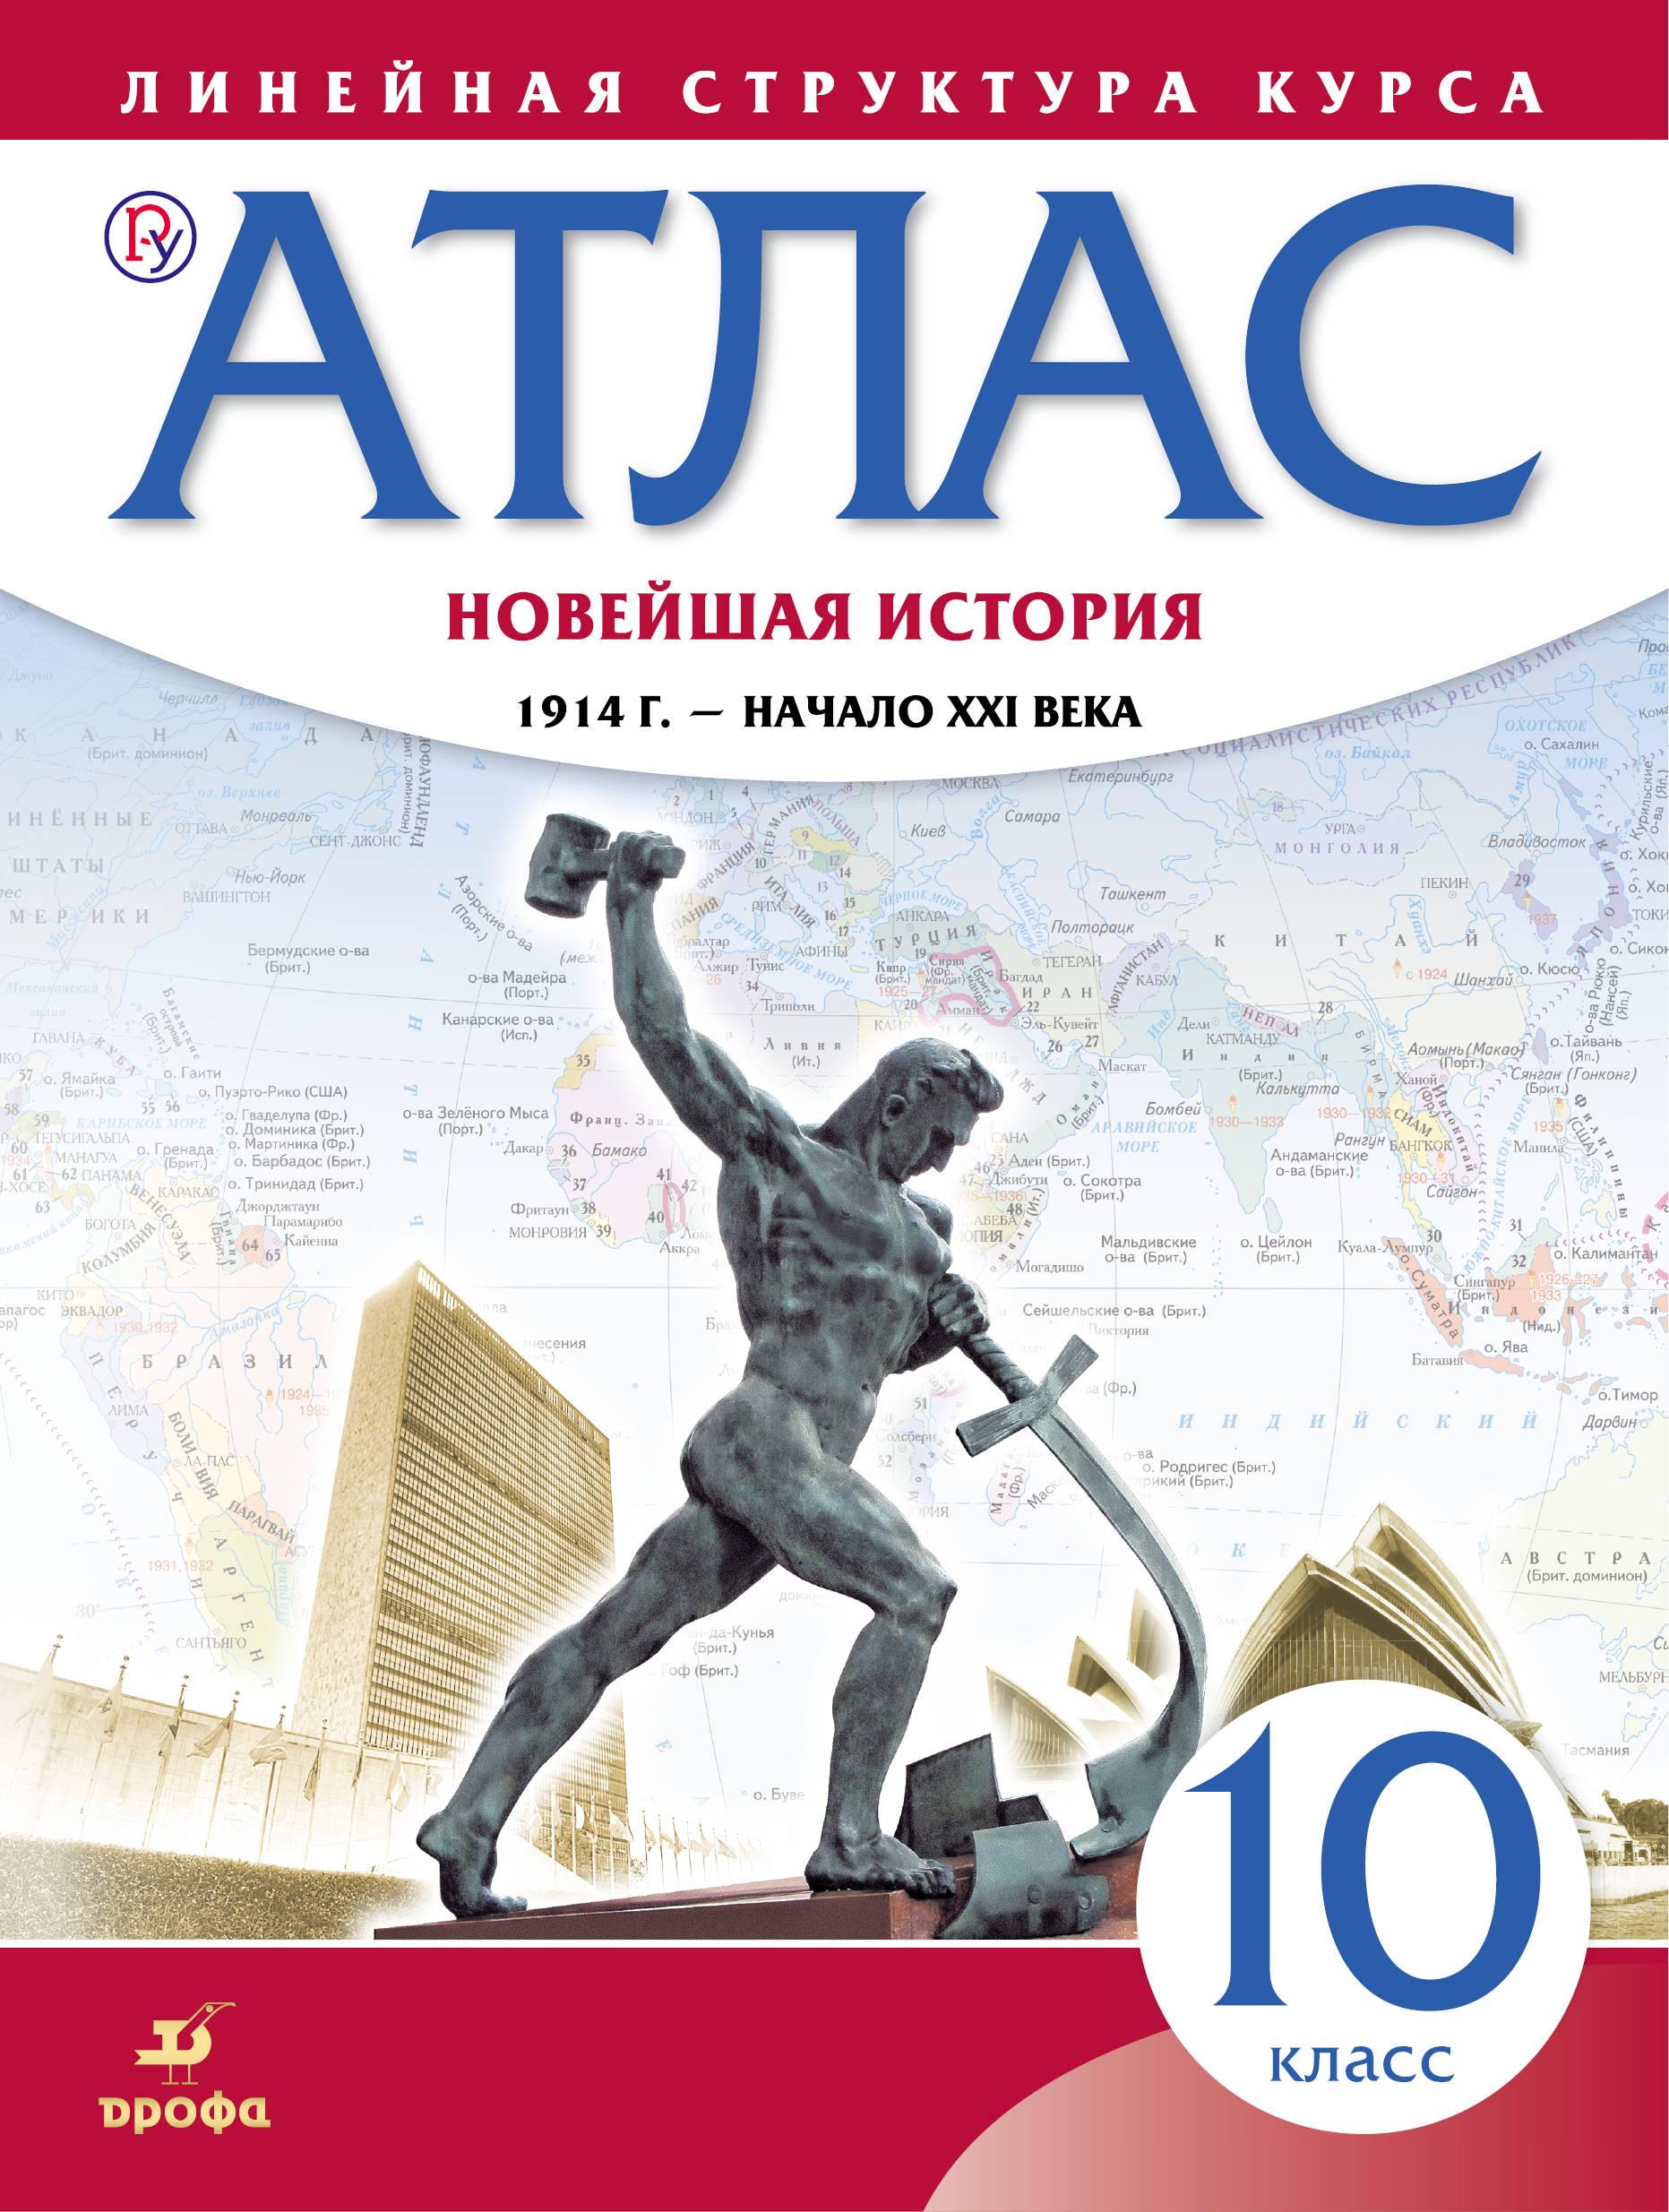 Новейшая история. 1914 г. - начало XXI века. 10 класс. Атлас (Линейная структура курса)